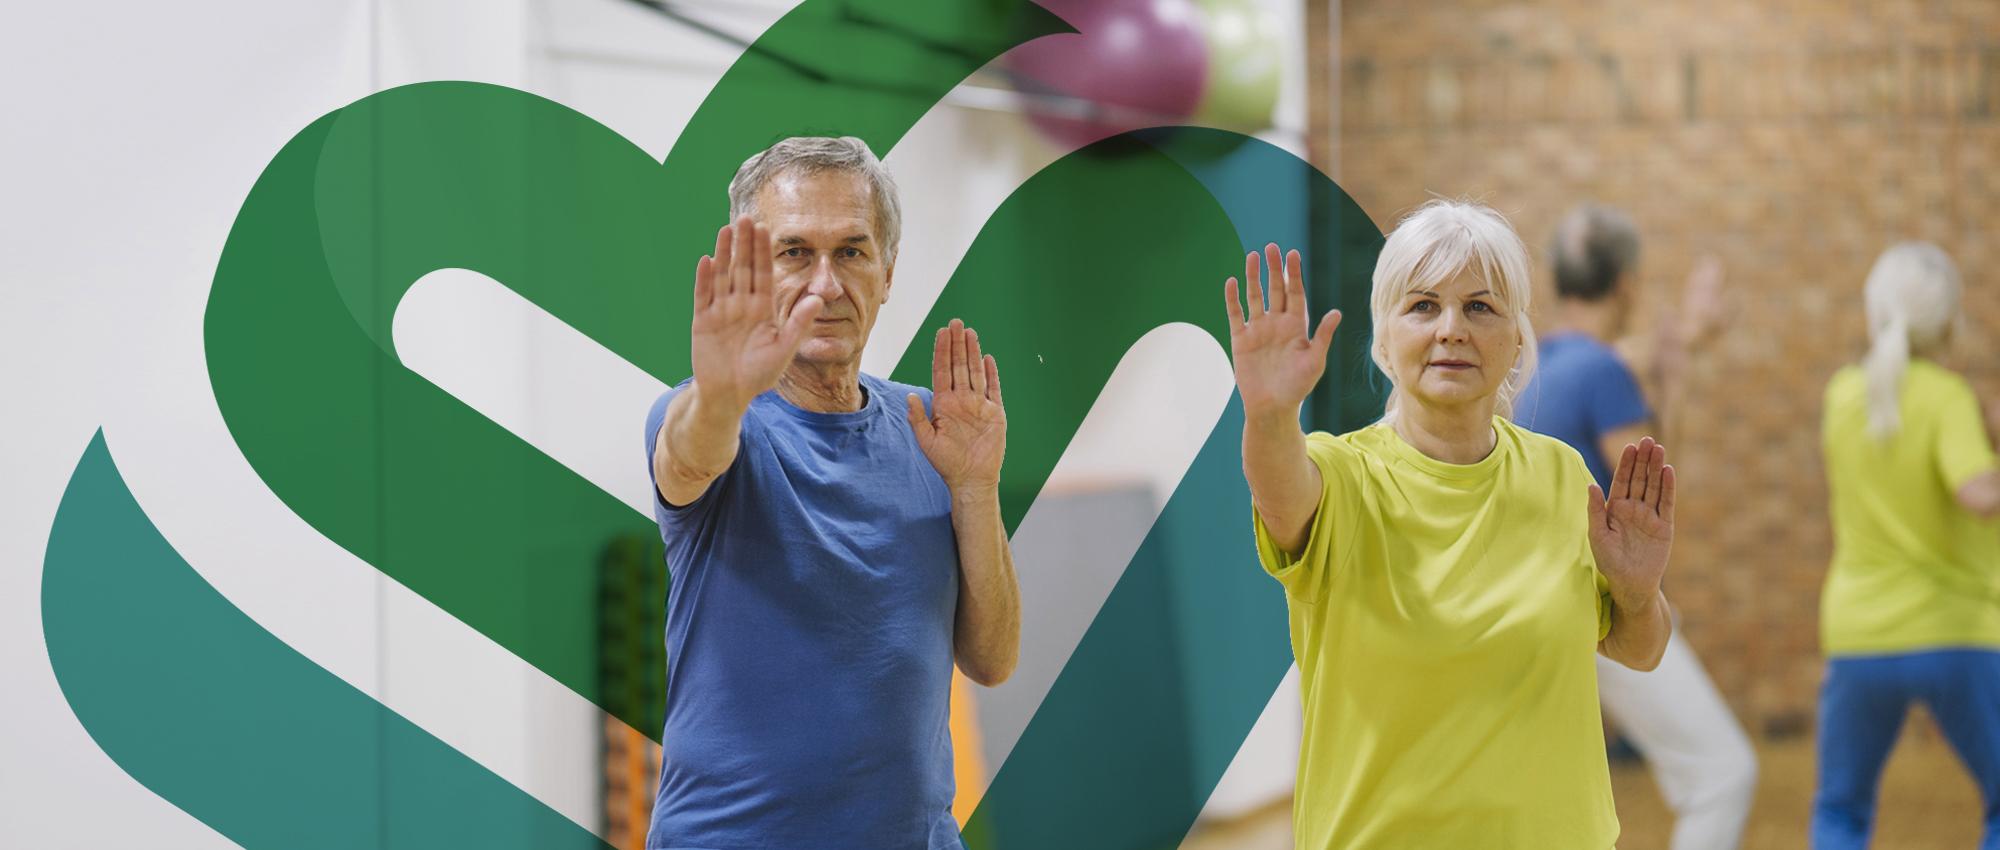 exercicios melhor idade